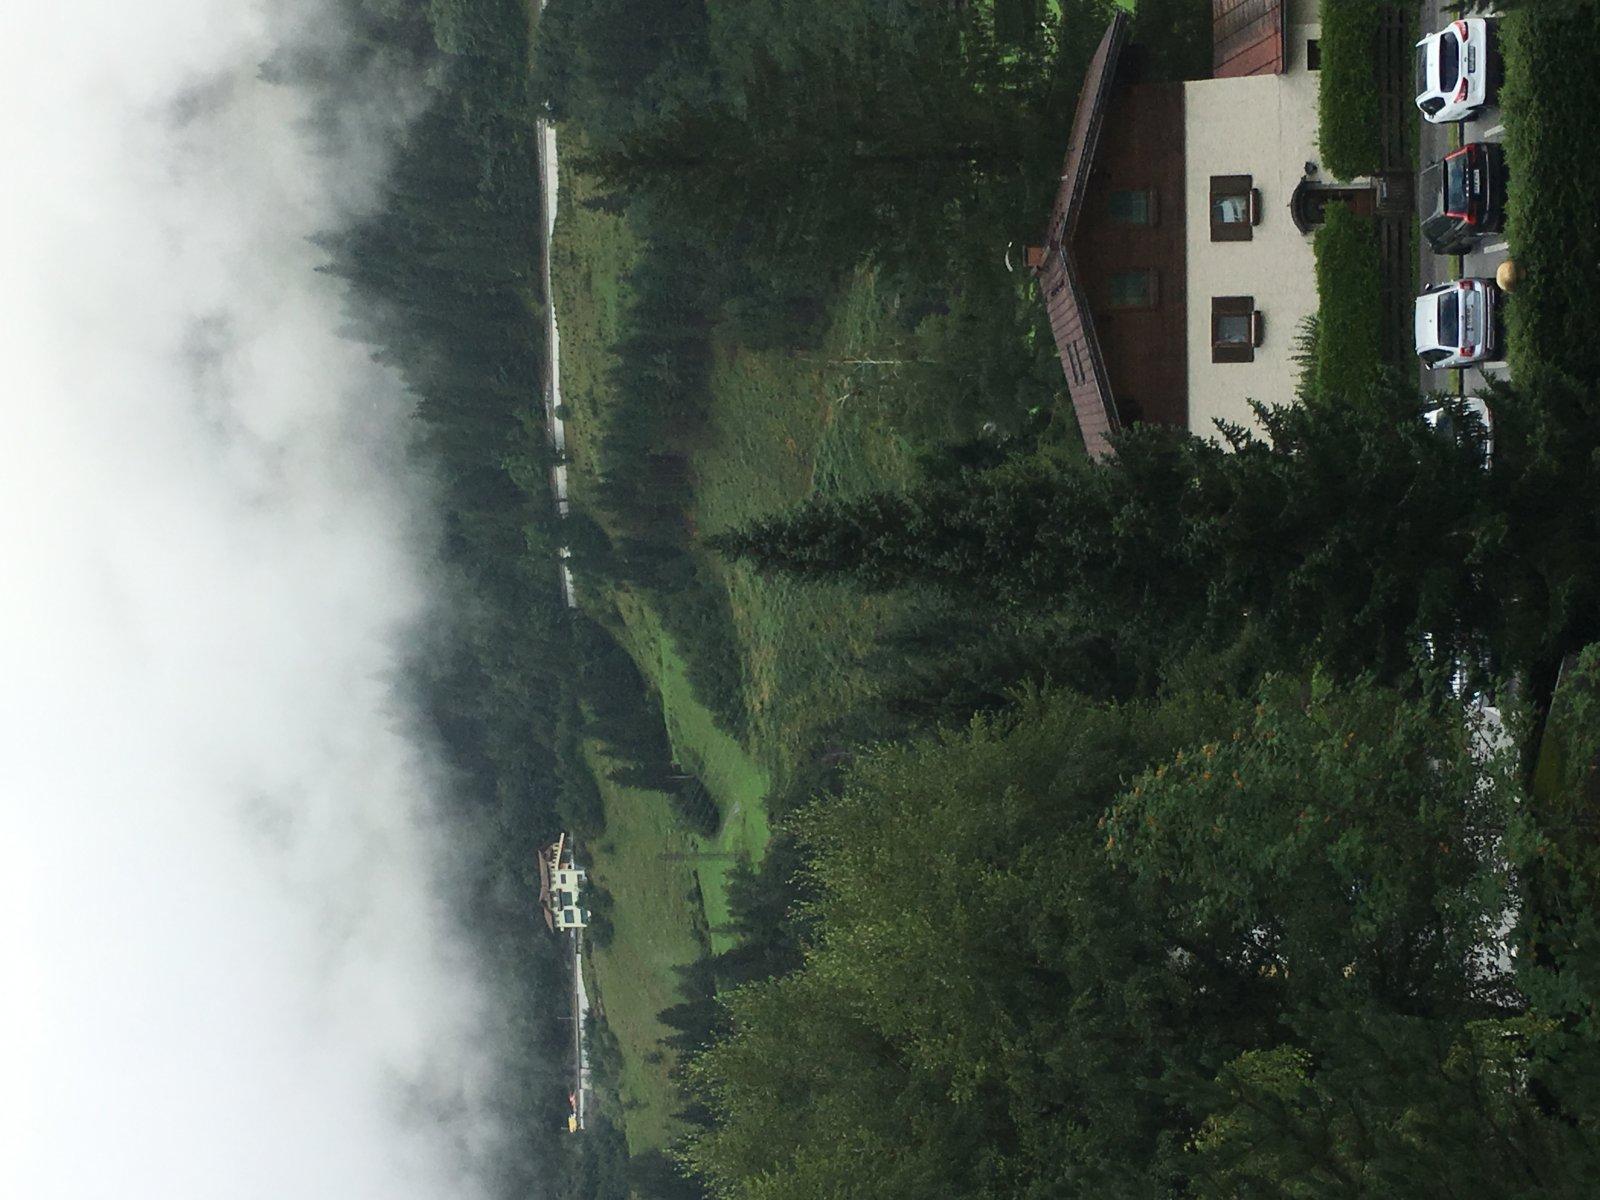 تقرير مصور عن المناطق الريفيه فى النمسا صور 327485 المسافرون العرب